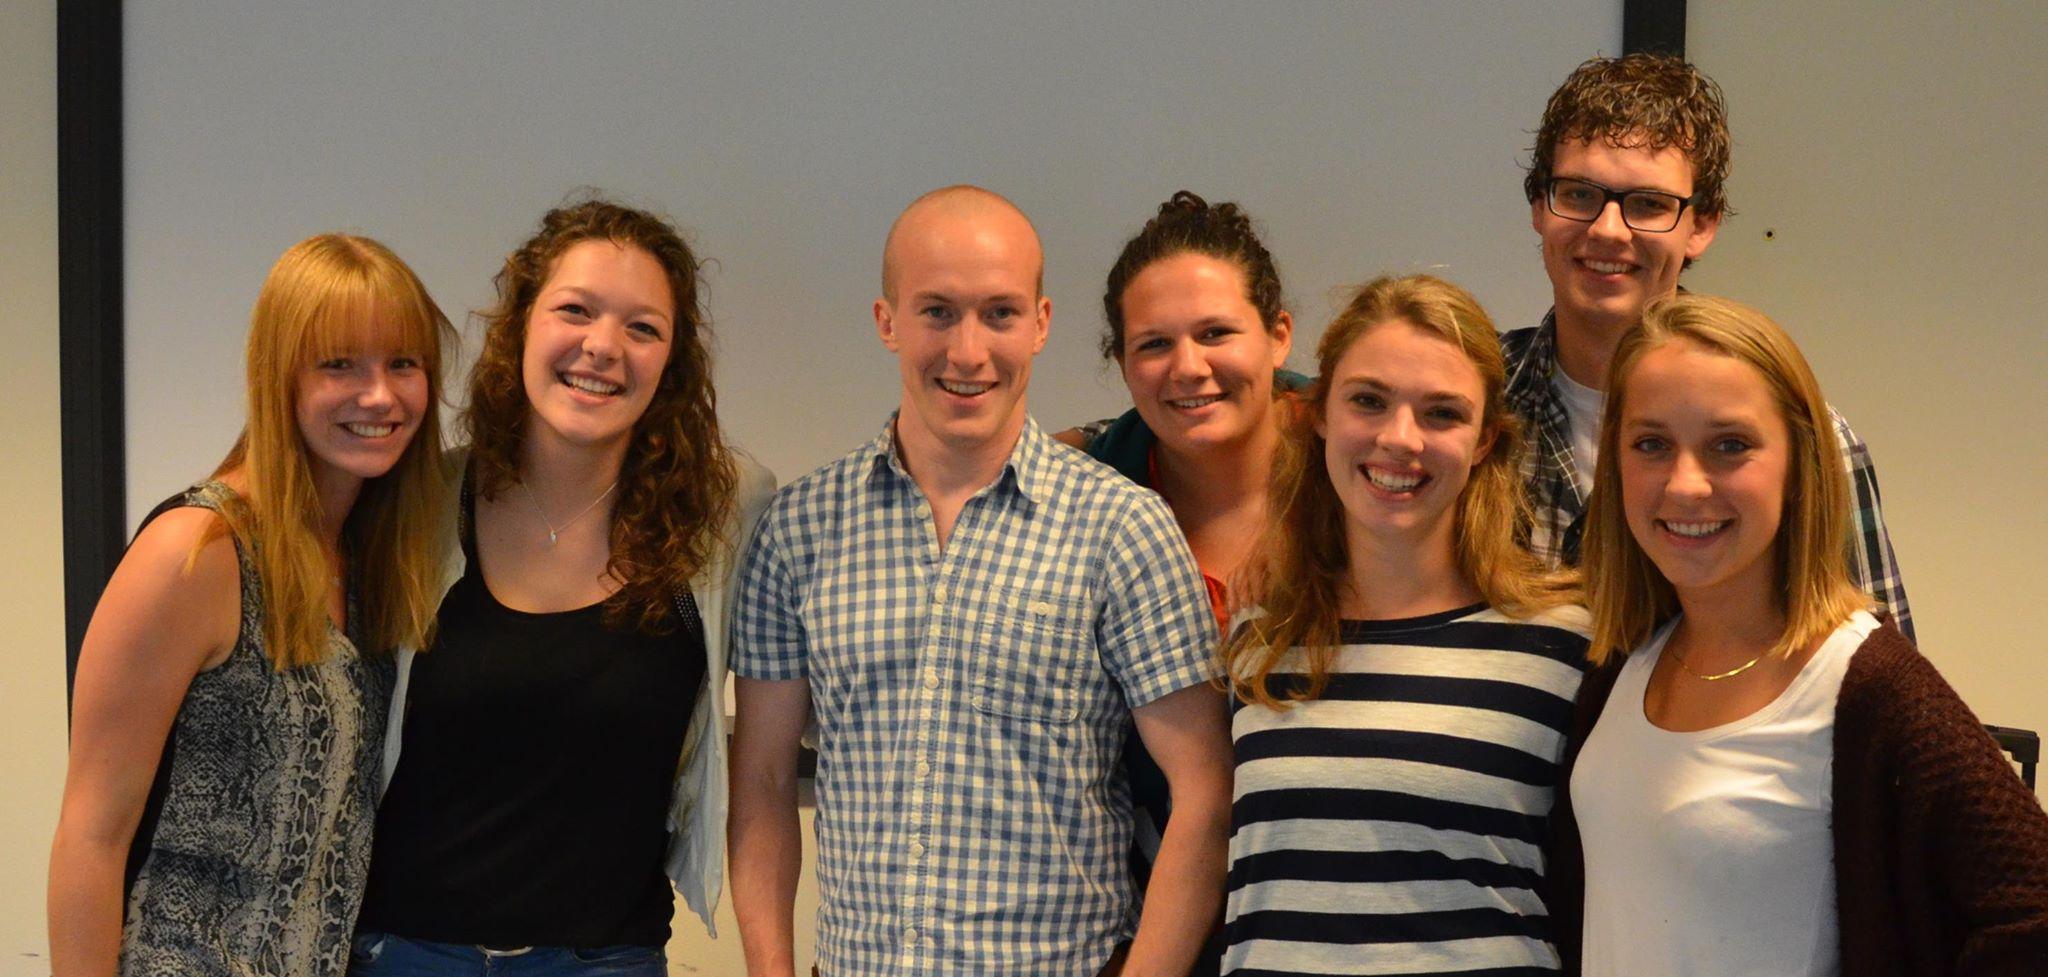 een groepsfoto van het bestuur van Taskforce QRS Utrecht in 2015